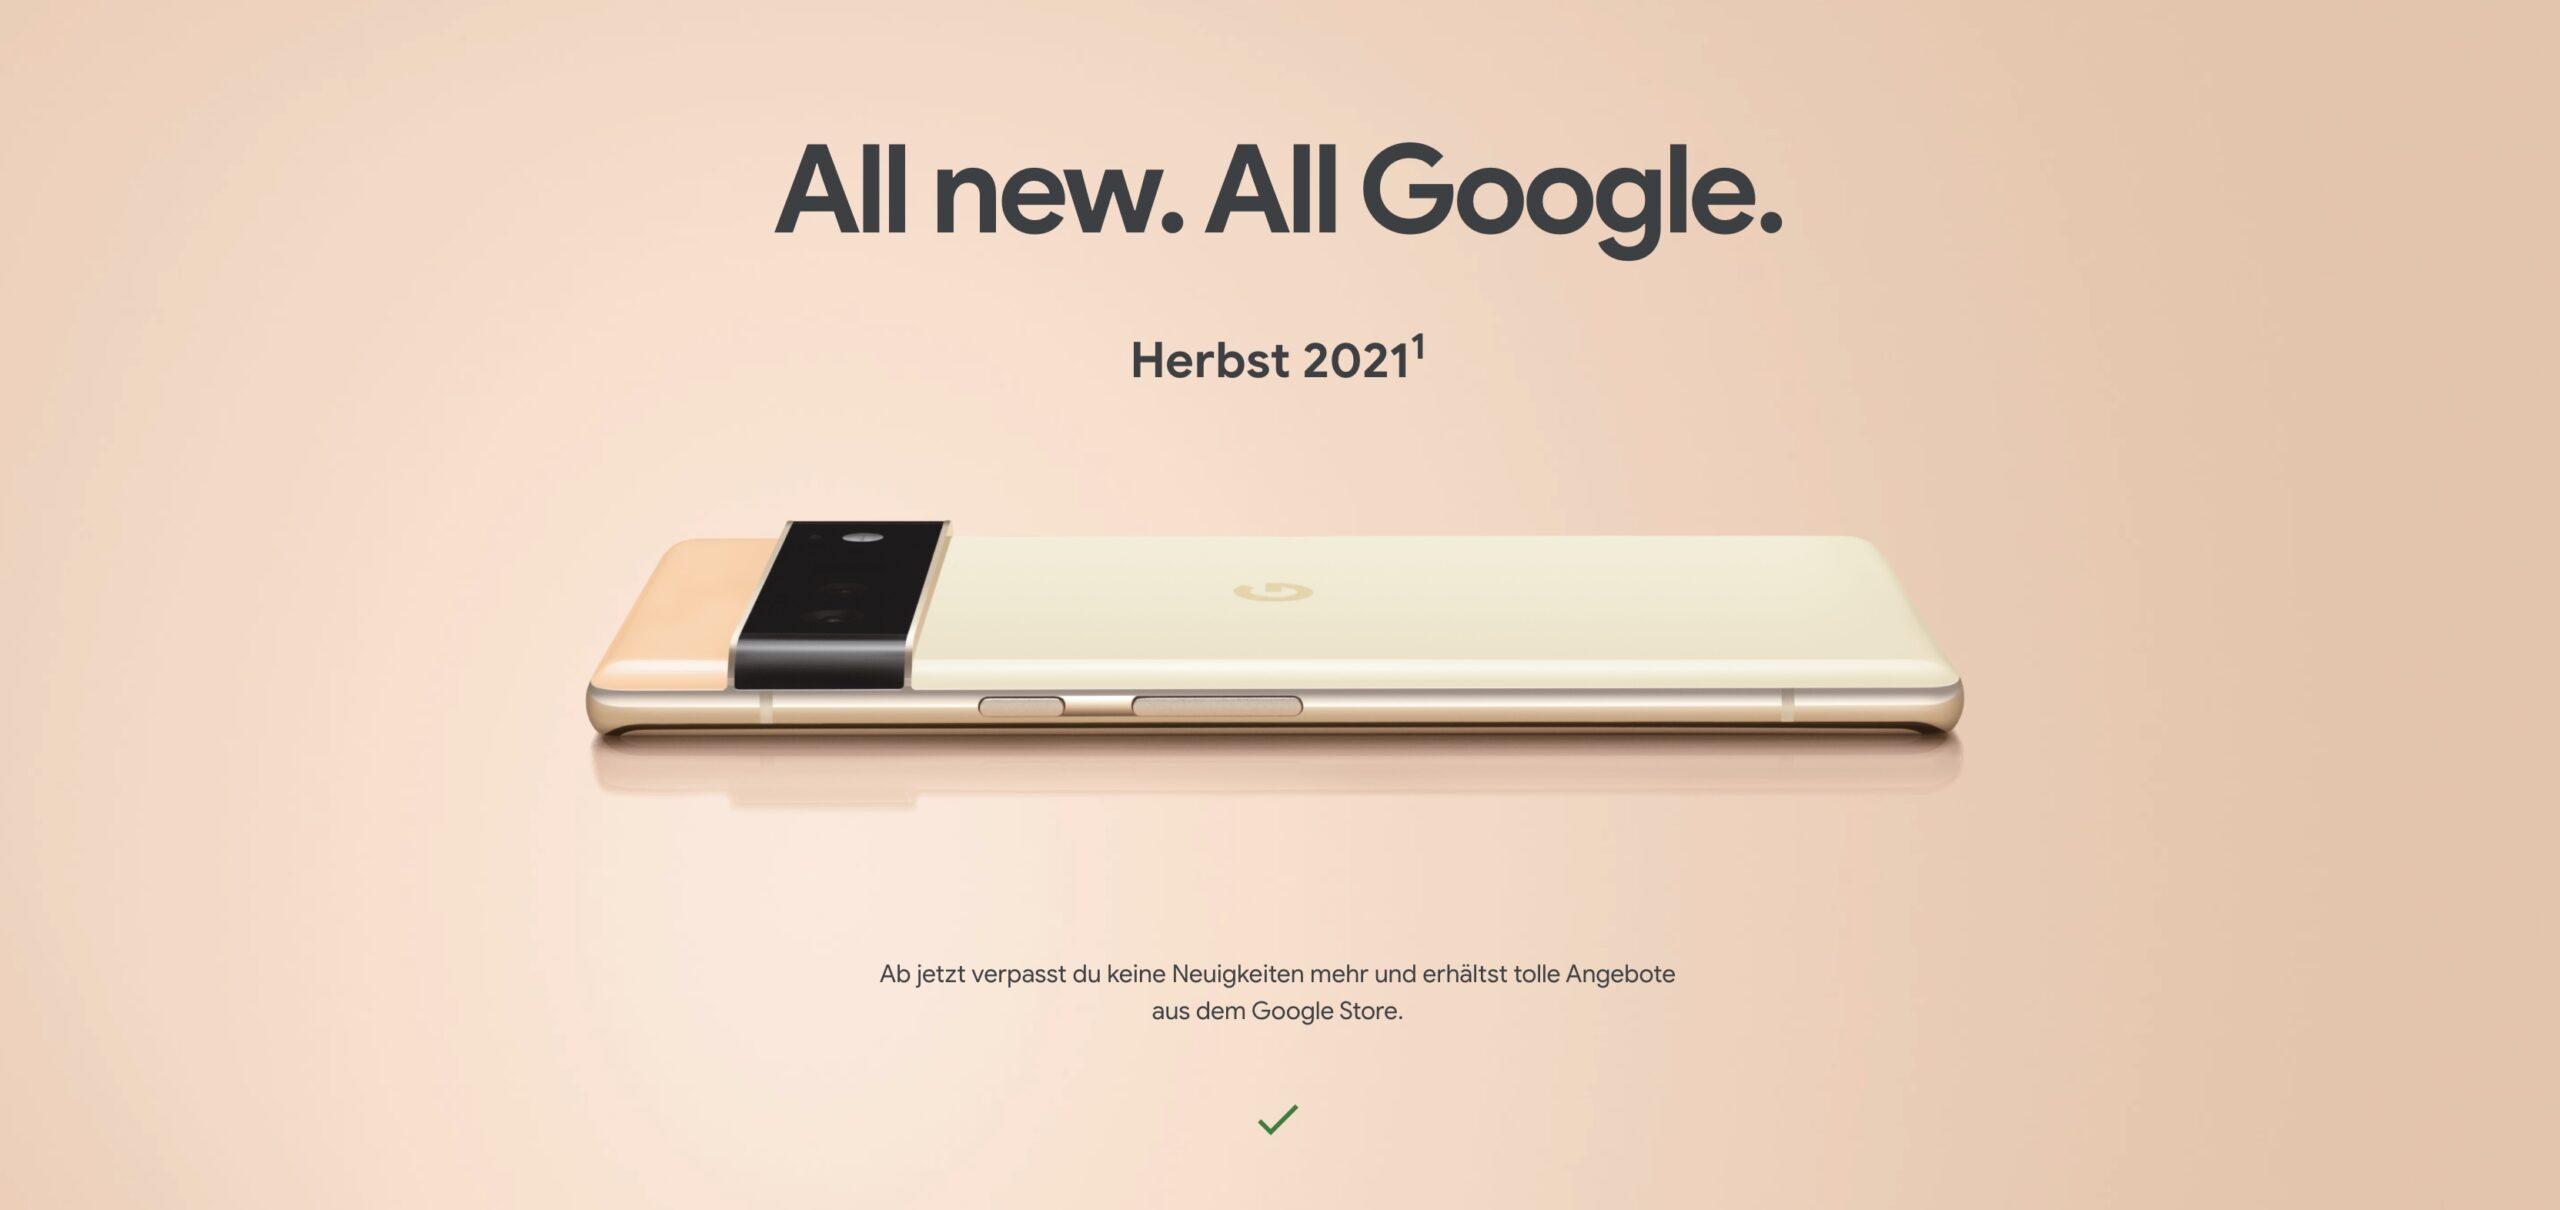 Pixel 6: Krasse Überraschung – Google zeigt neue Phones schon jetzt und verrät mehr